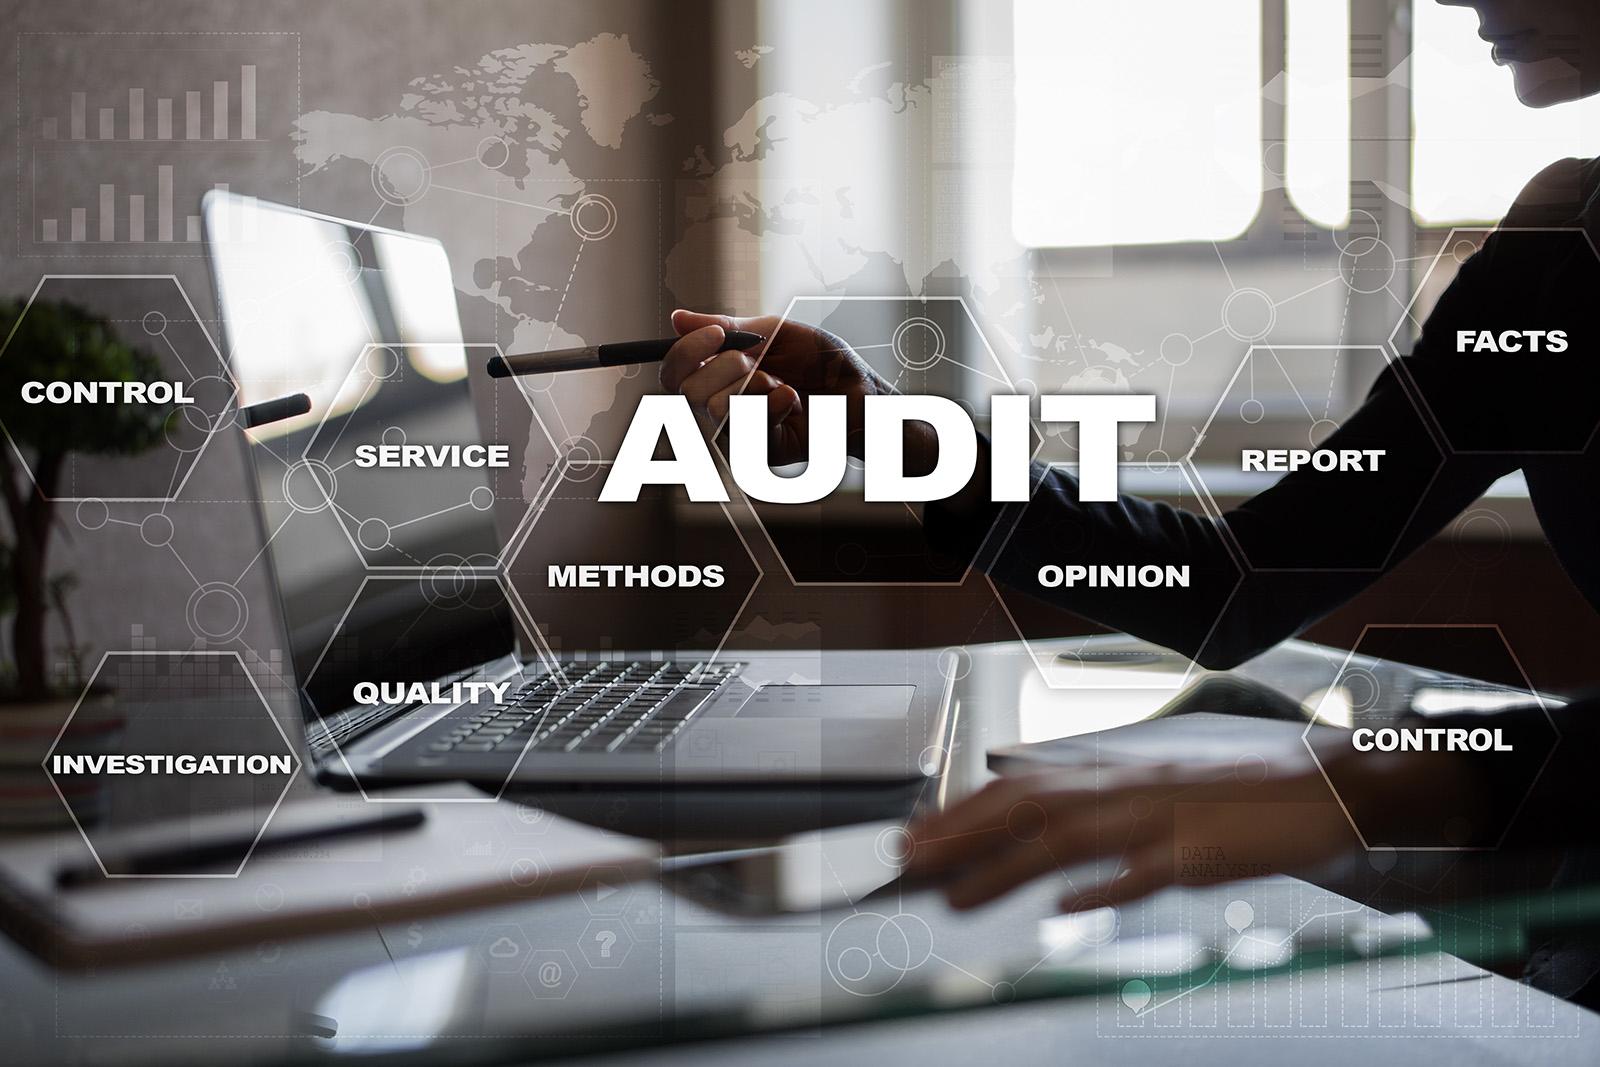 会計監査は何のために行われる?